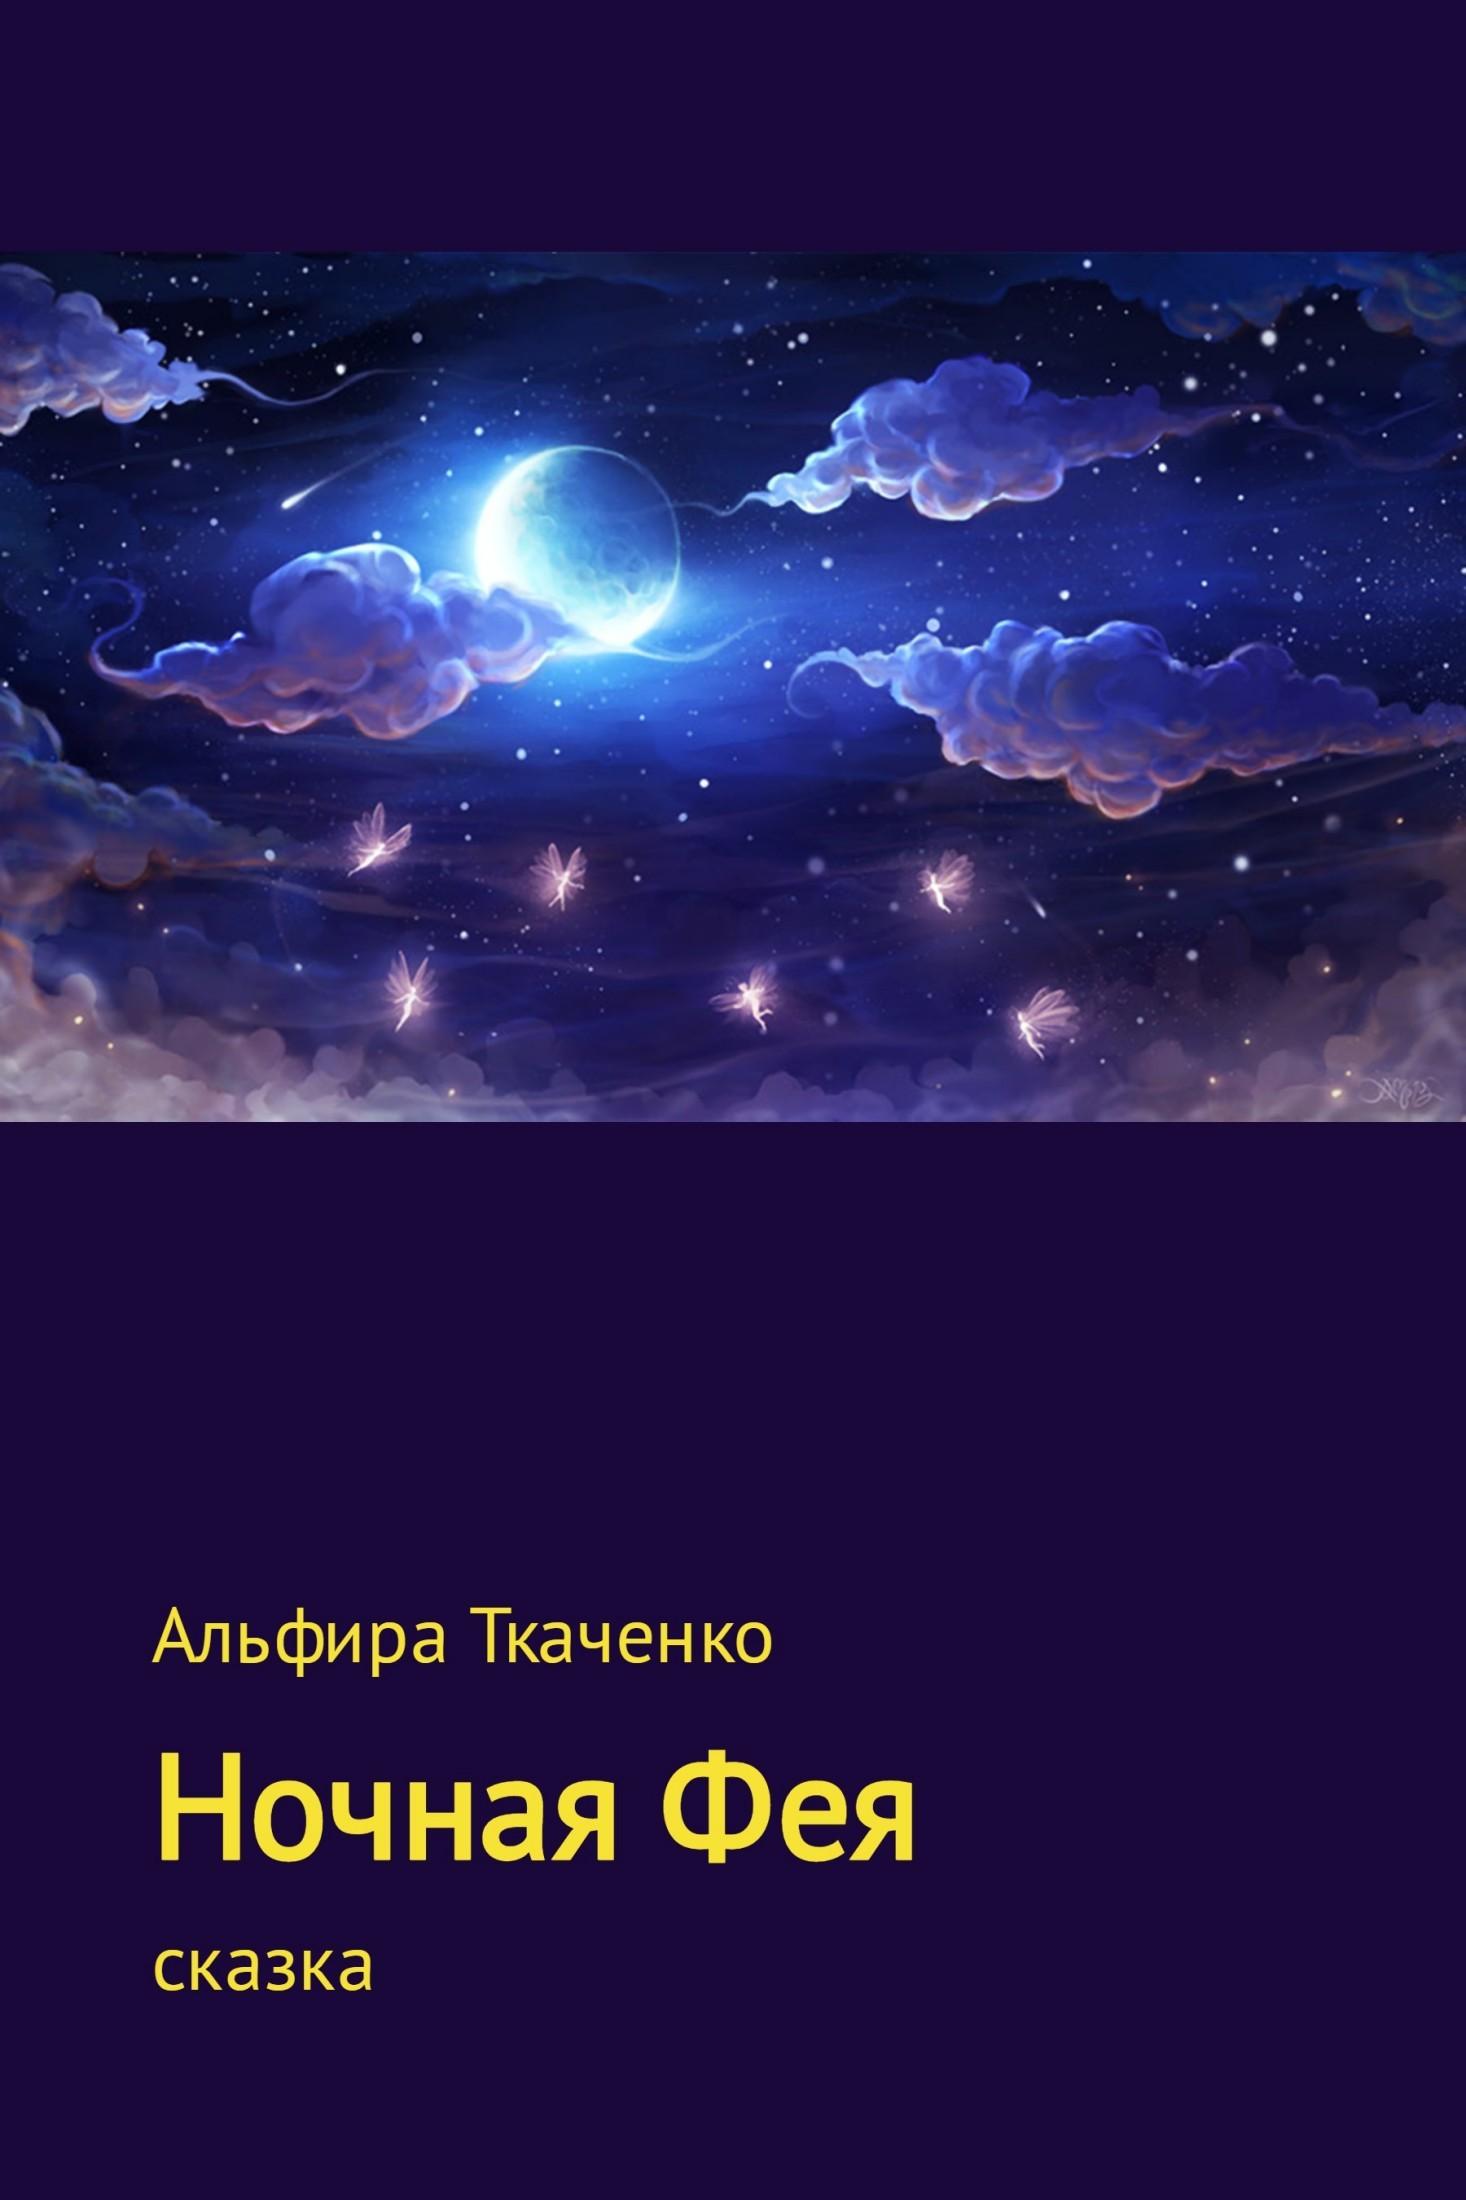 Альфира Федоровна Ткаченко Ночная Фея минеральная вода жемчужина байкала 1 25 негаз пэт жемчужина байкала